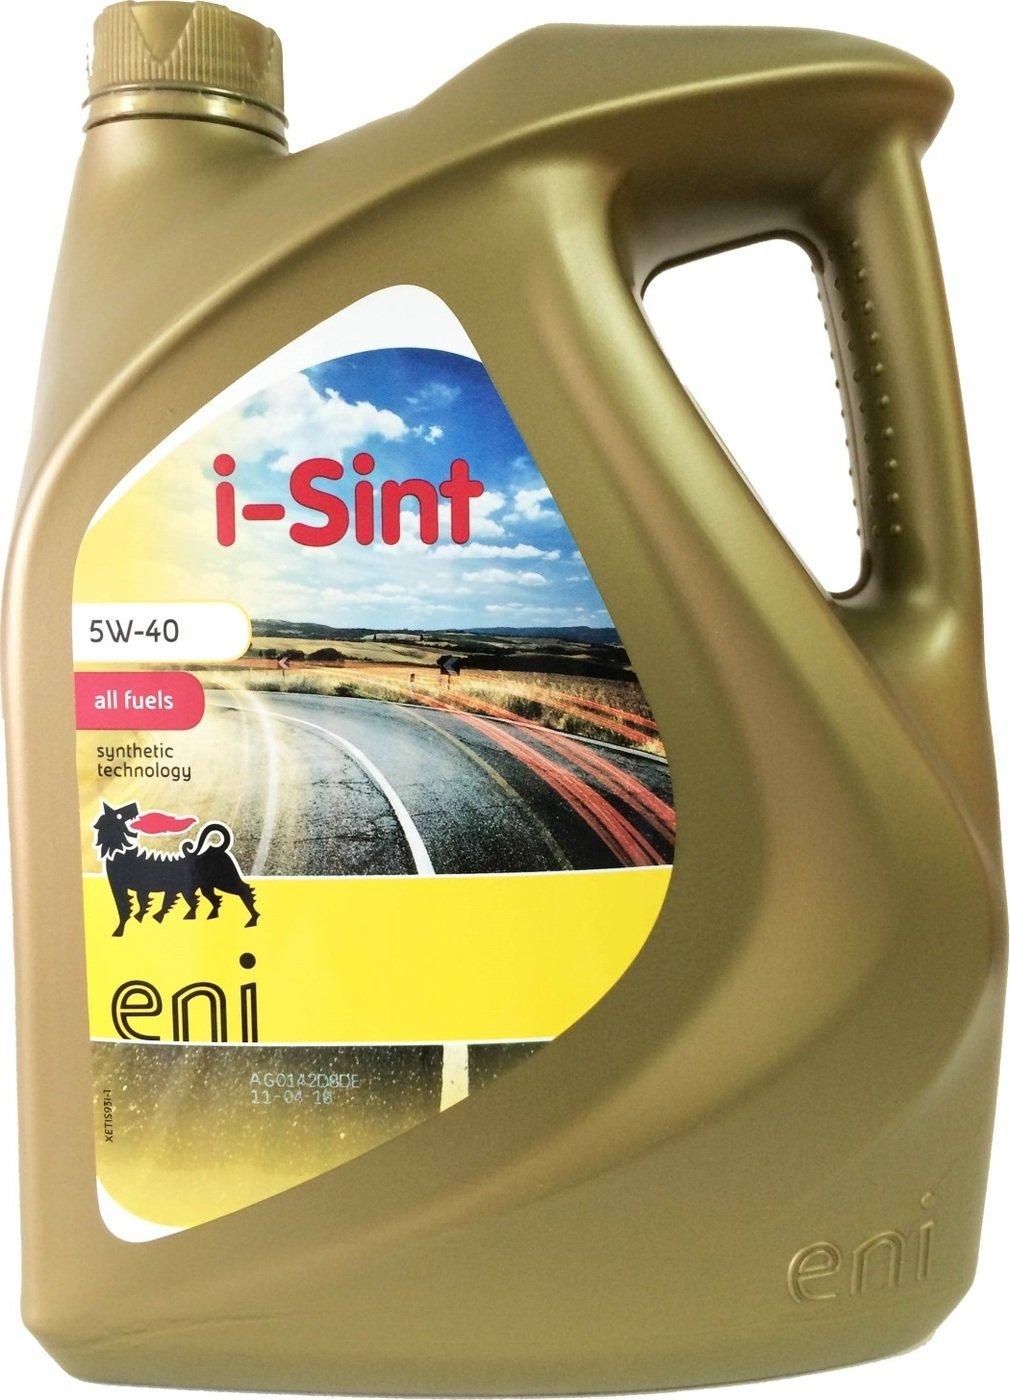 Eni i-Sint MS 5W-40